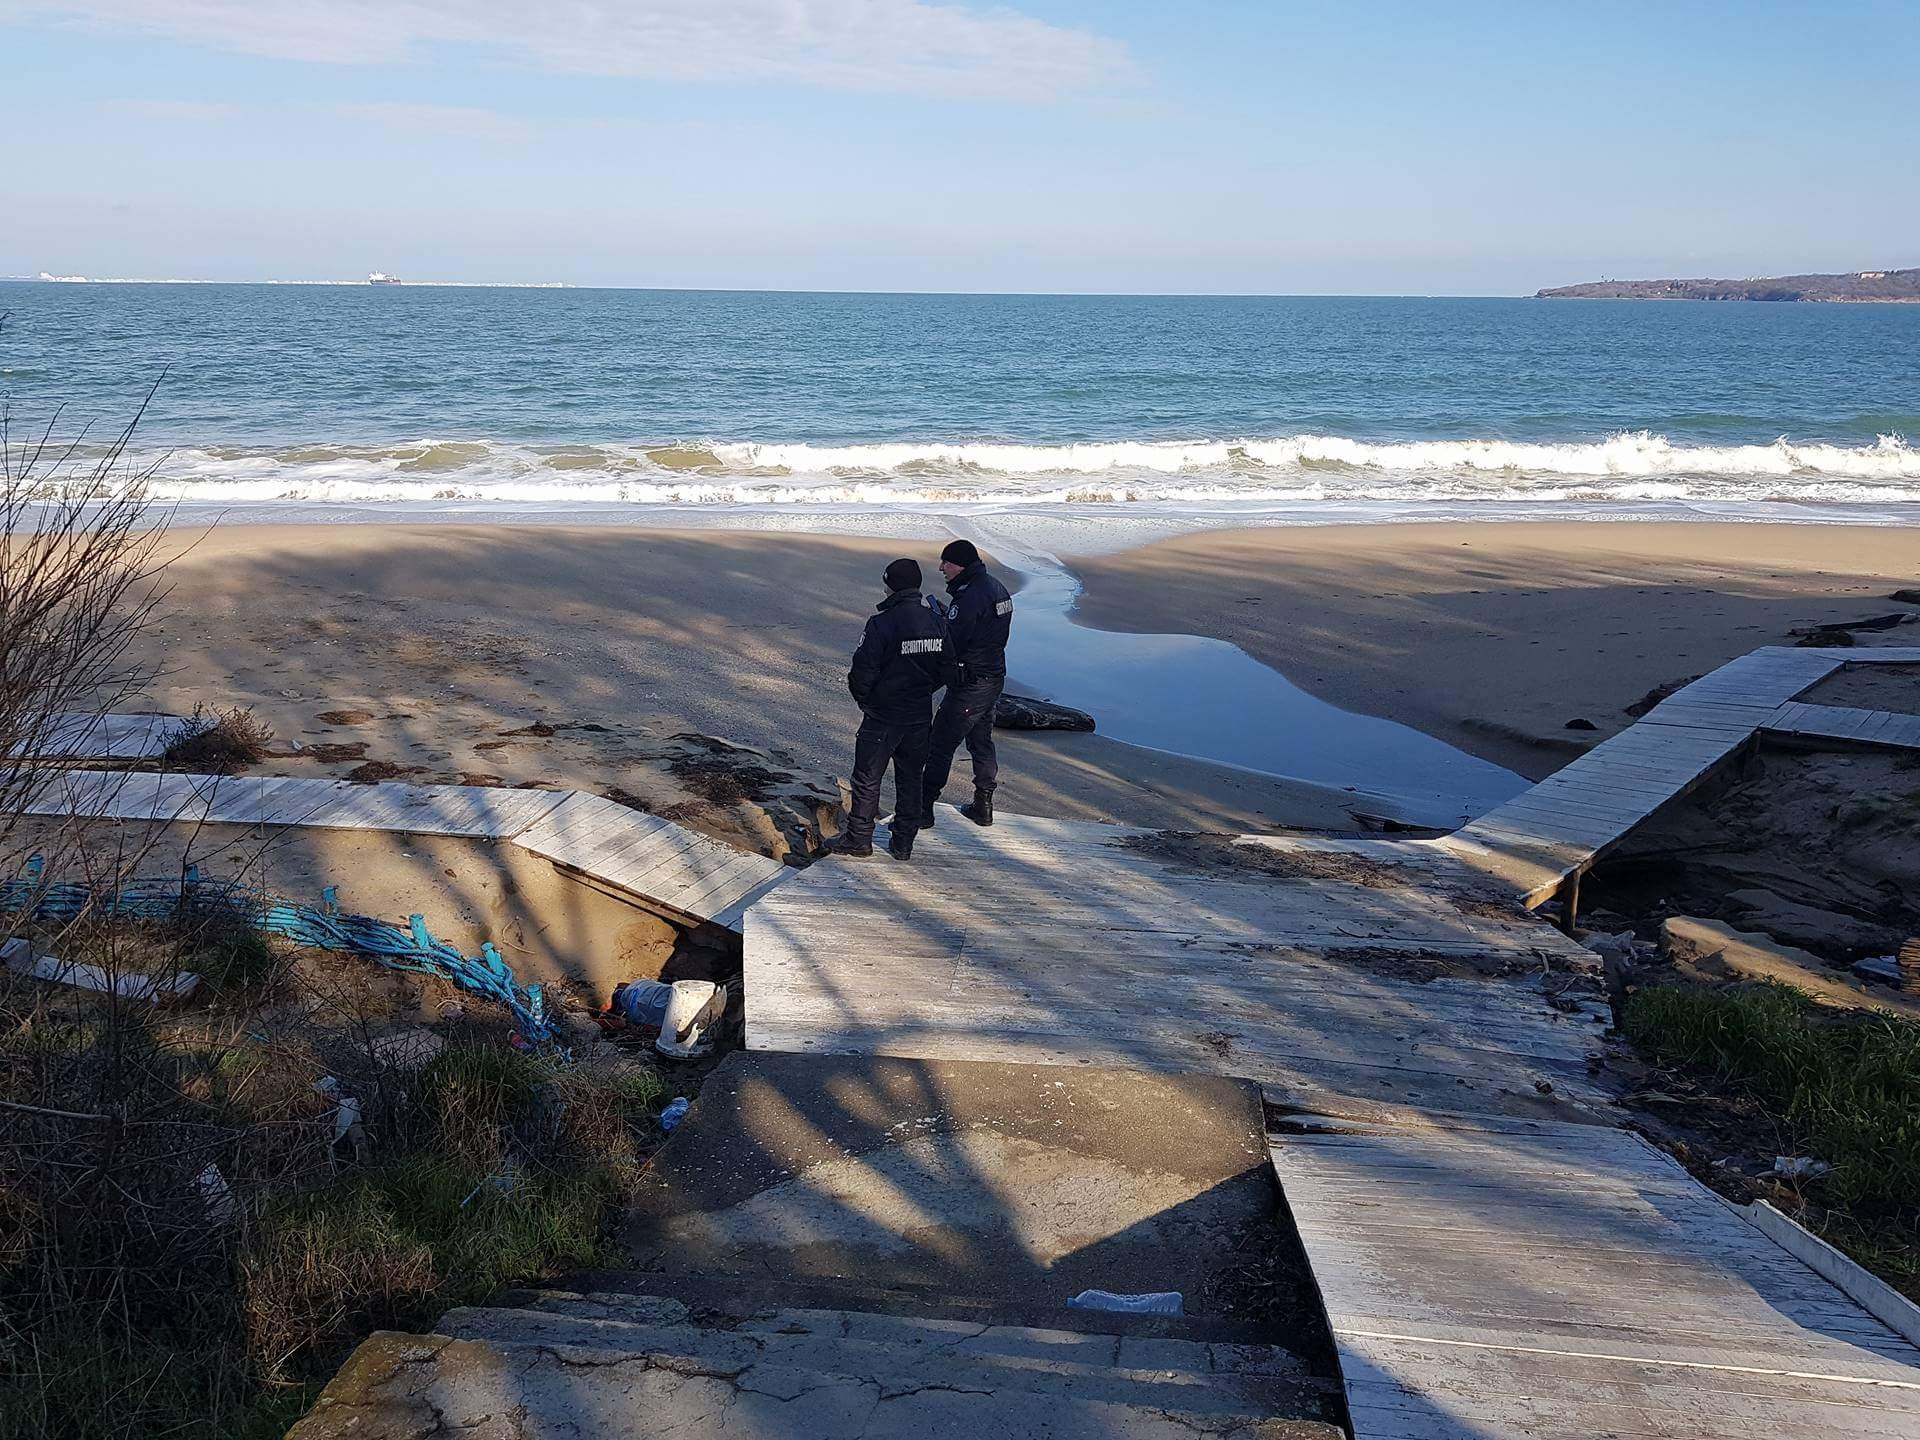 Няма следи от насилие върху открития труп на жена на плажа в парк